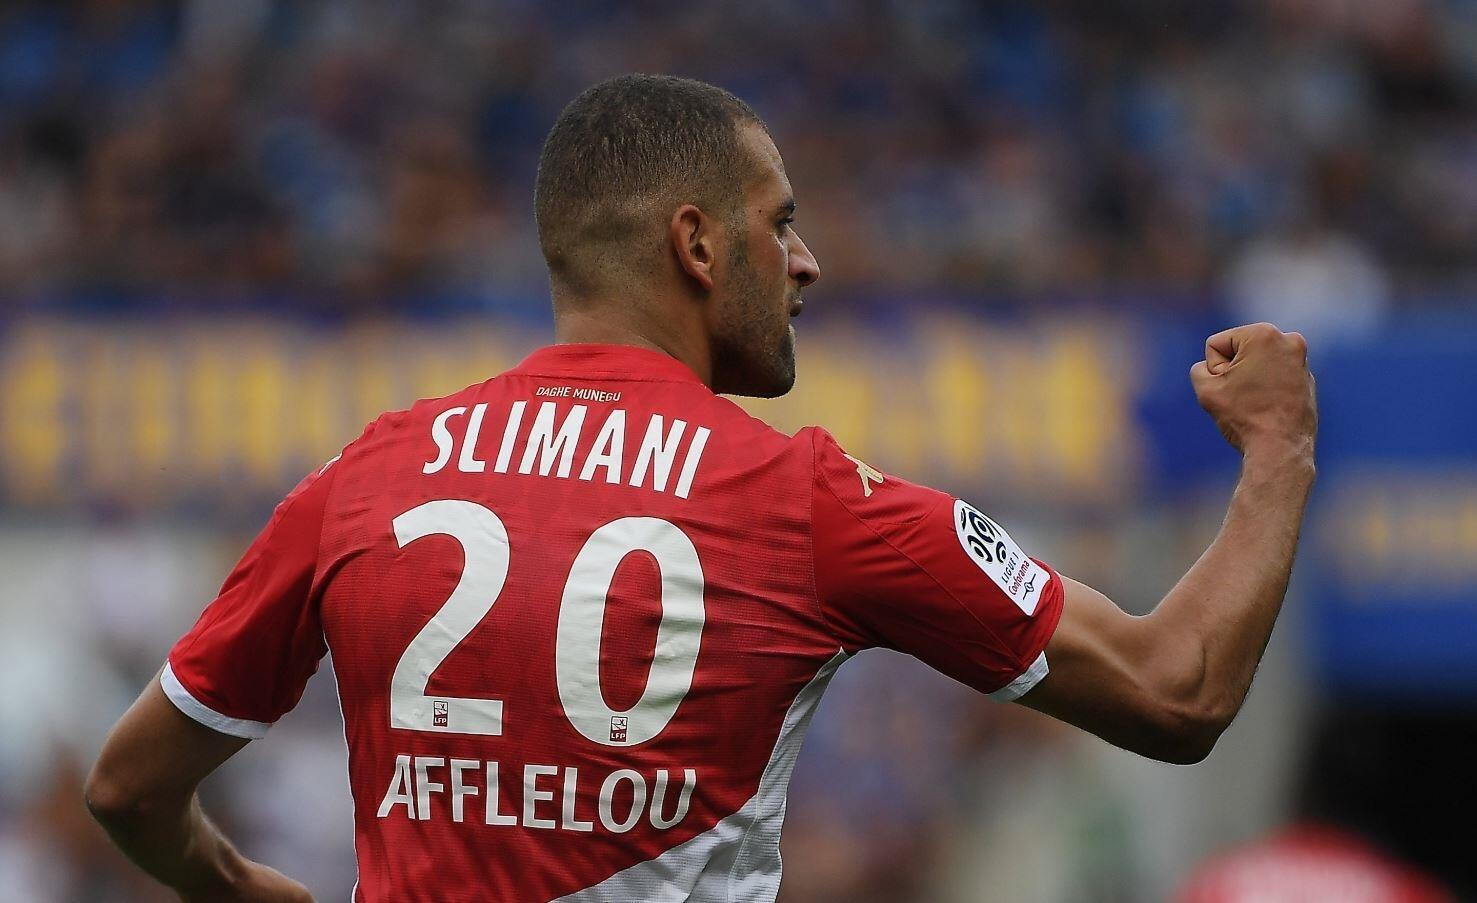 Monaco'da Slimani şov devam ediyor